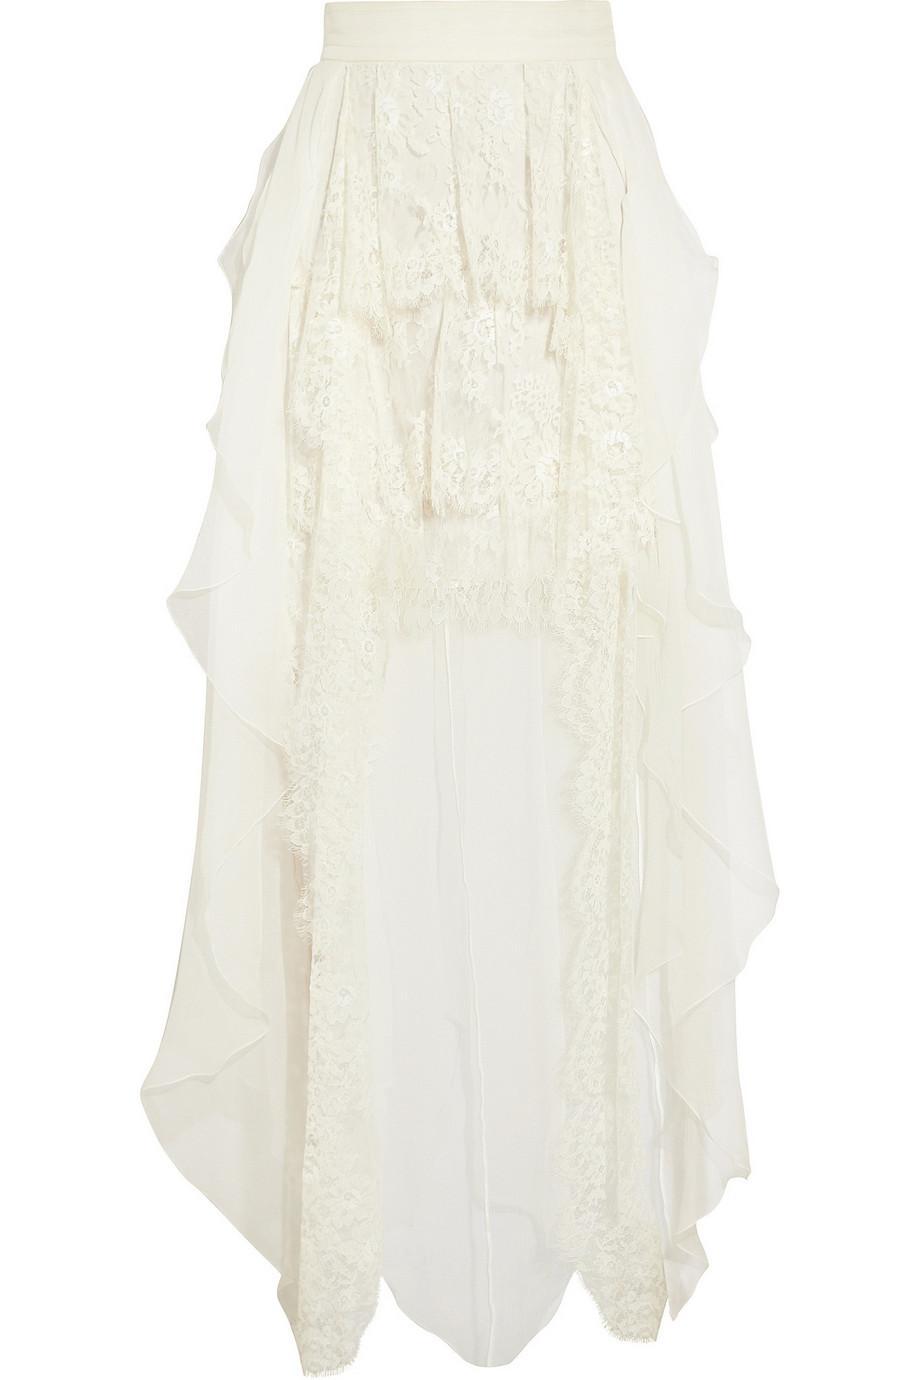 Pandasia Ruffled Silk-Chiffon Skirt, Sophia Kokosalaki, Ivory, Women's, Size: 42